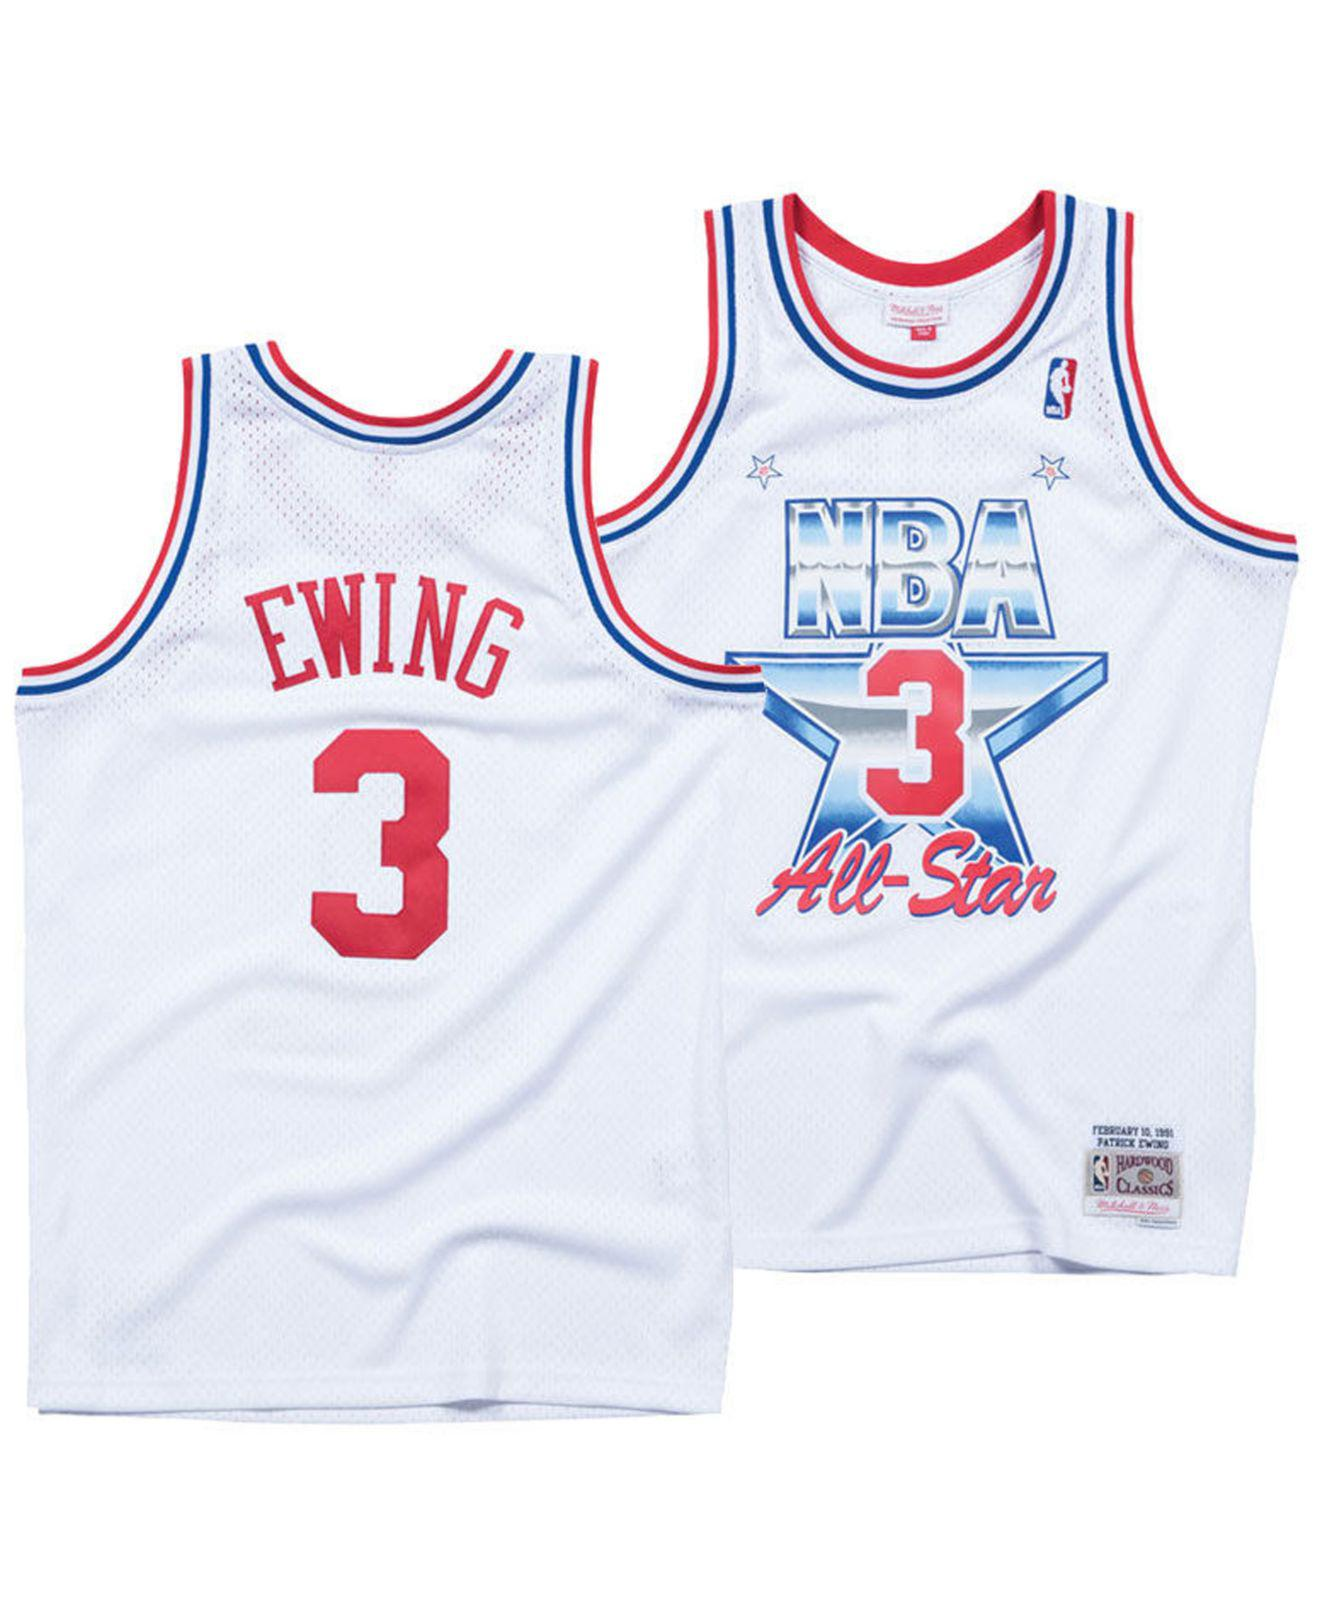 09d6b228f Lyst - Mitchell   Ness Patrick Ewing Nba All Star 1991 Swingman ...